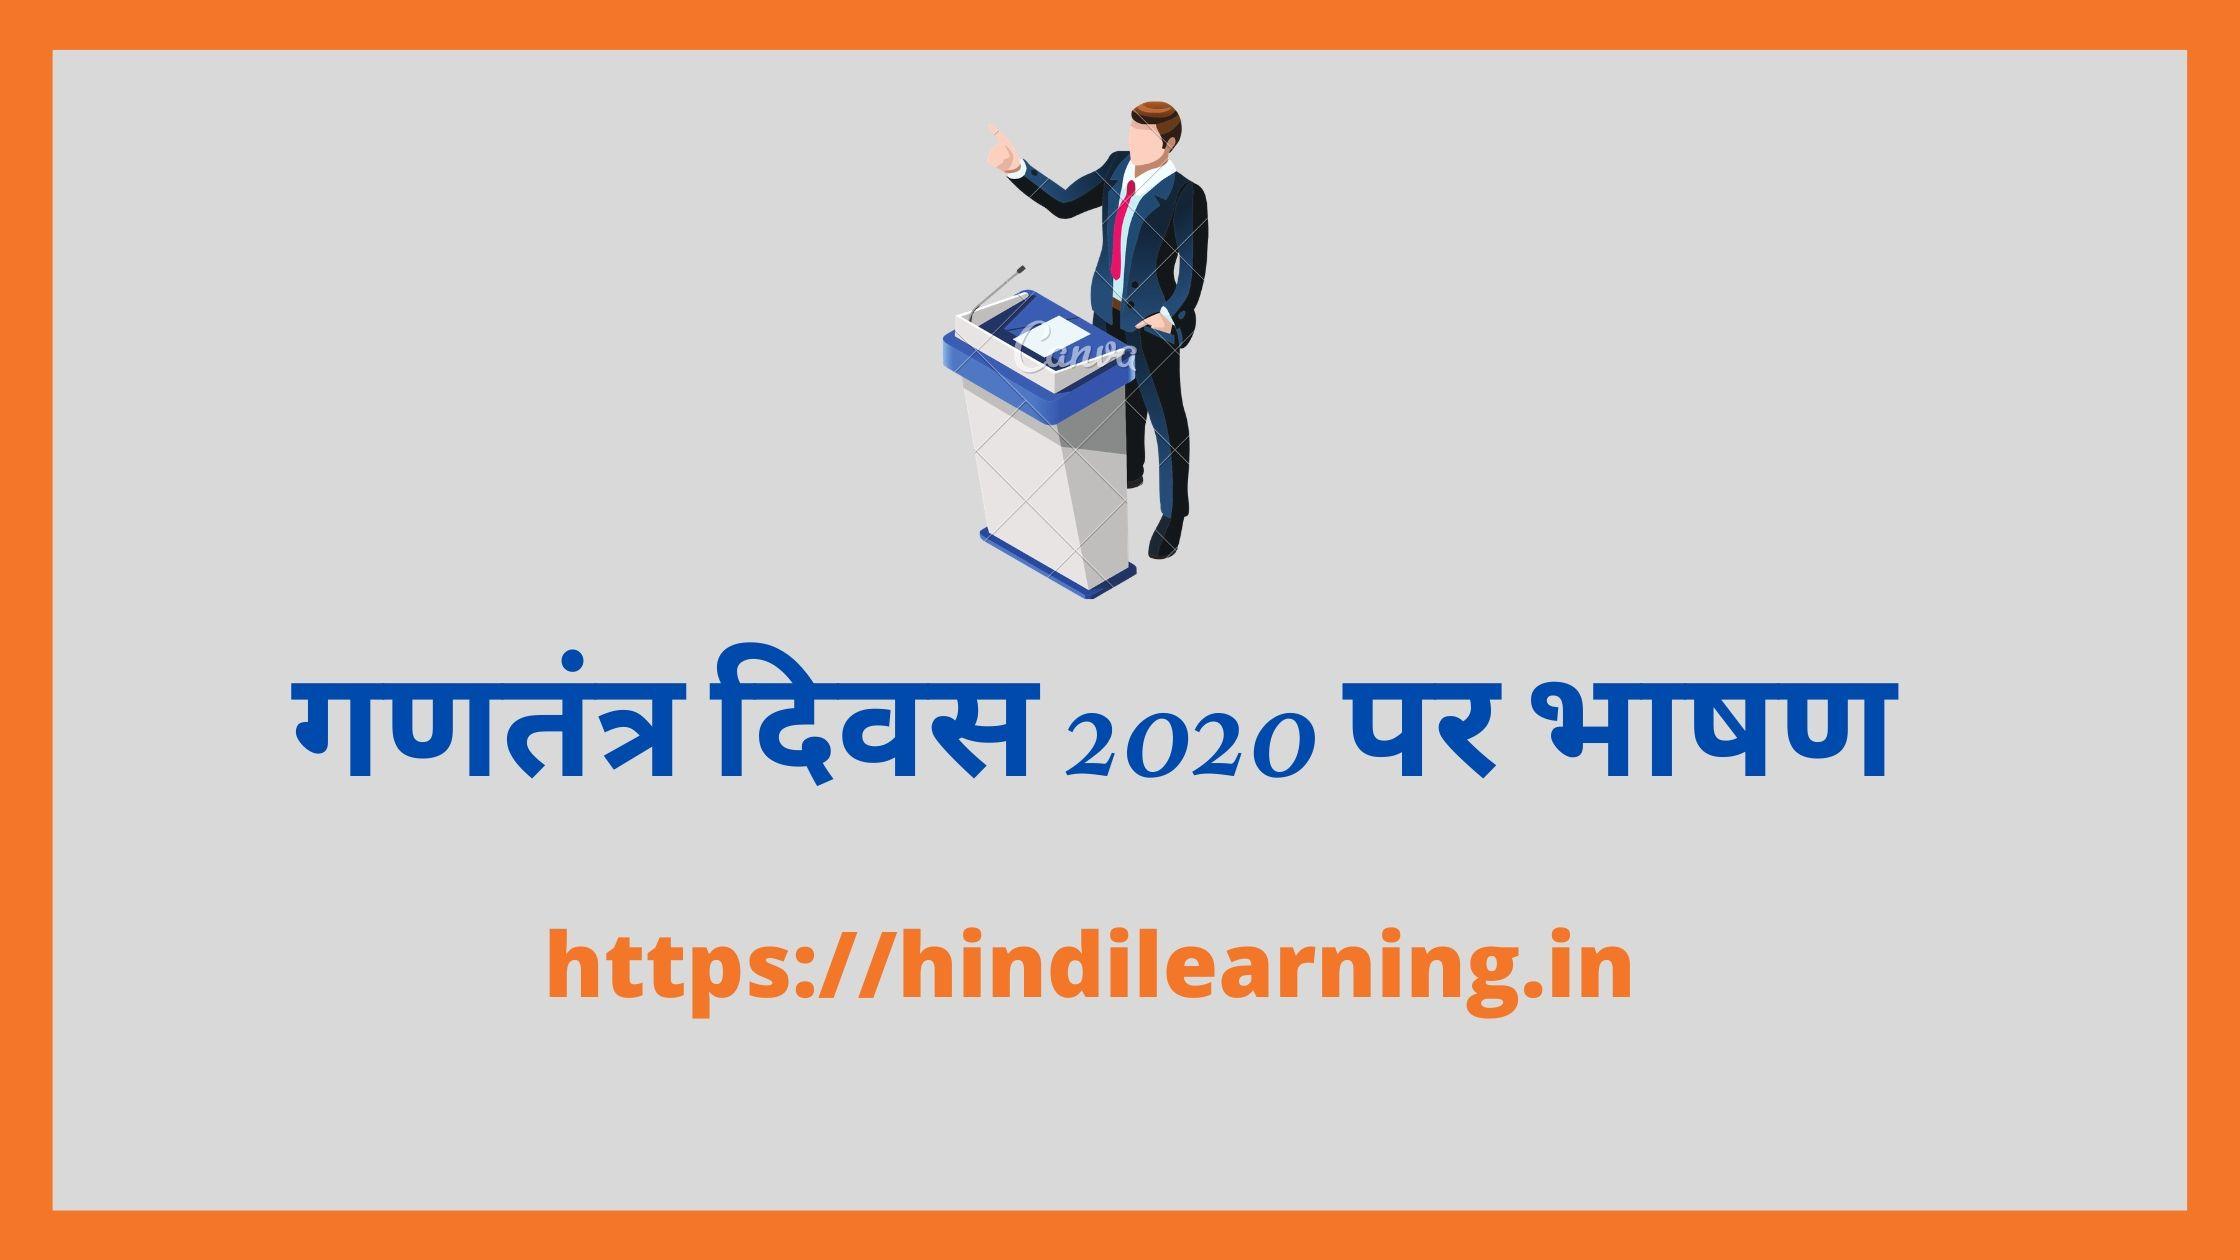 गणतंत्र दिवस 2020 पर भाषण